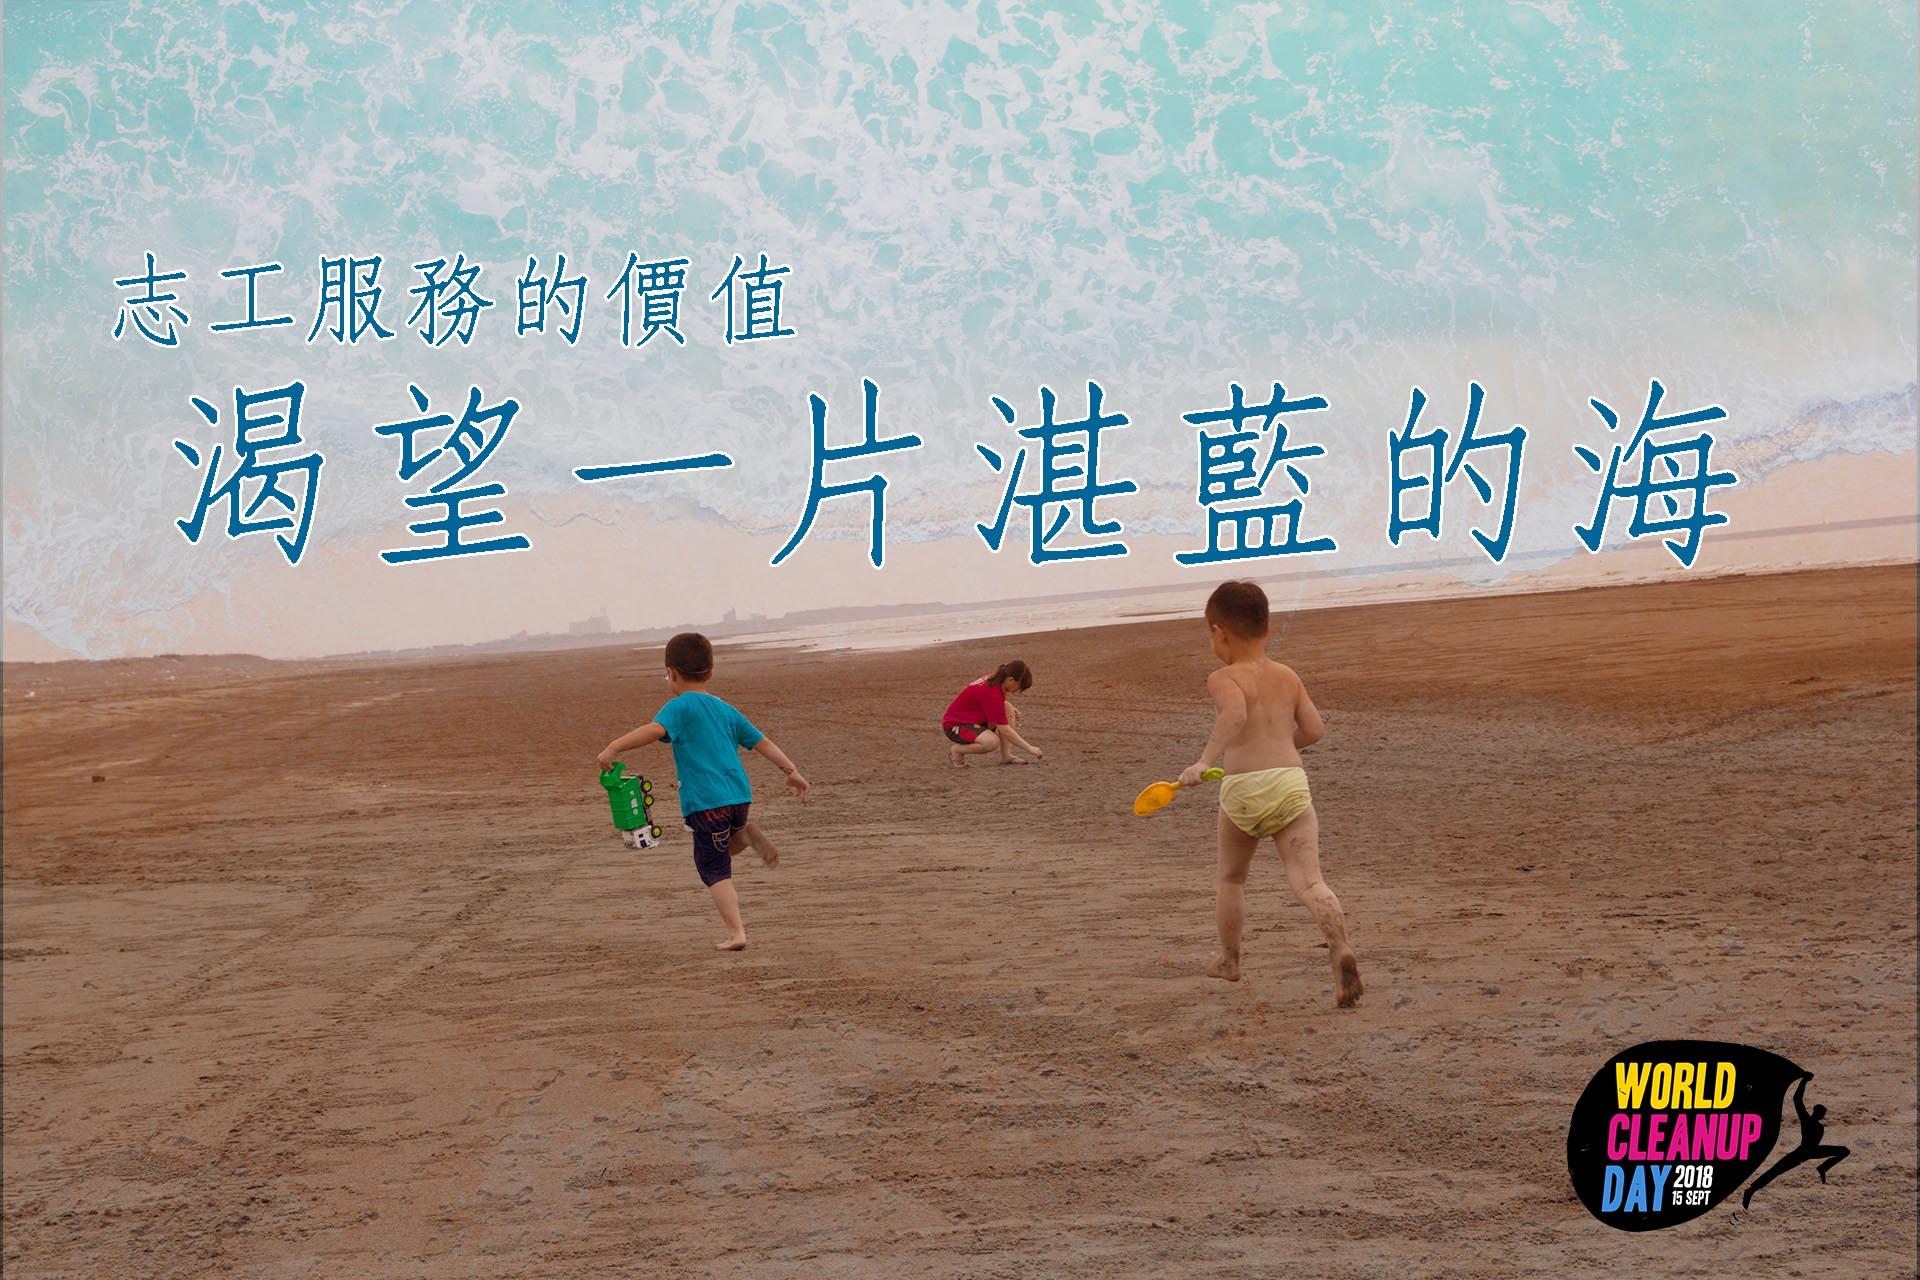 志工的服務與學習:渴望一片湛藍的海(世界環境清潔日)